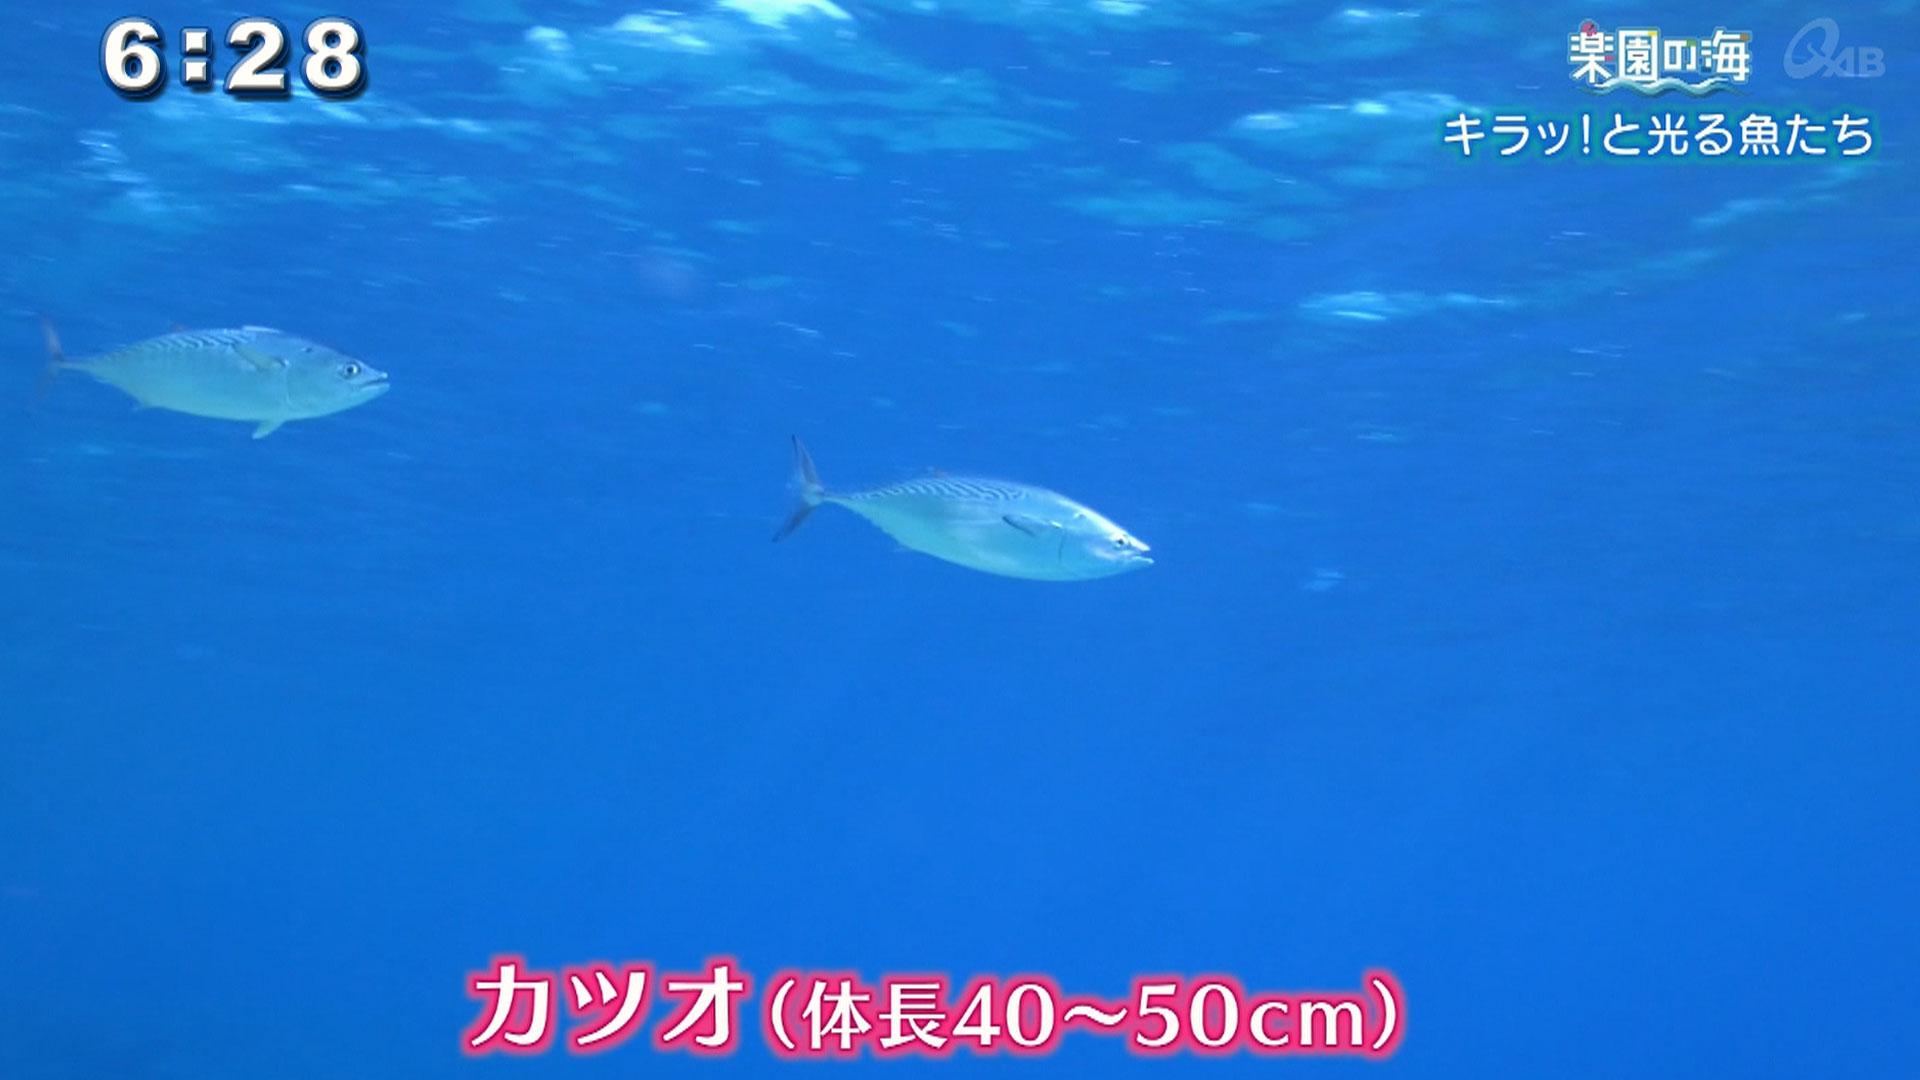 楽園の海 キラッ!と光る魚たち